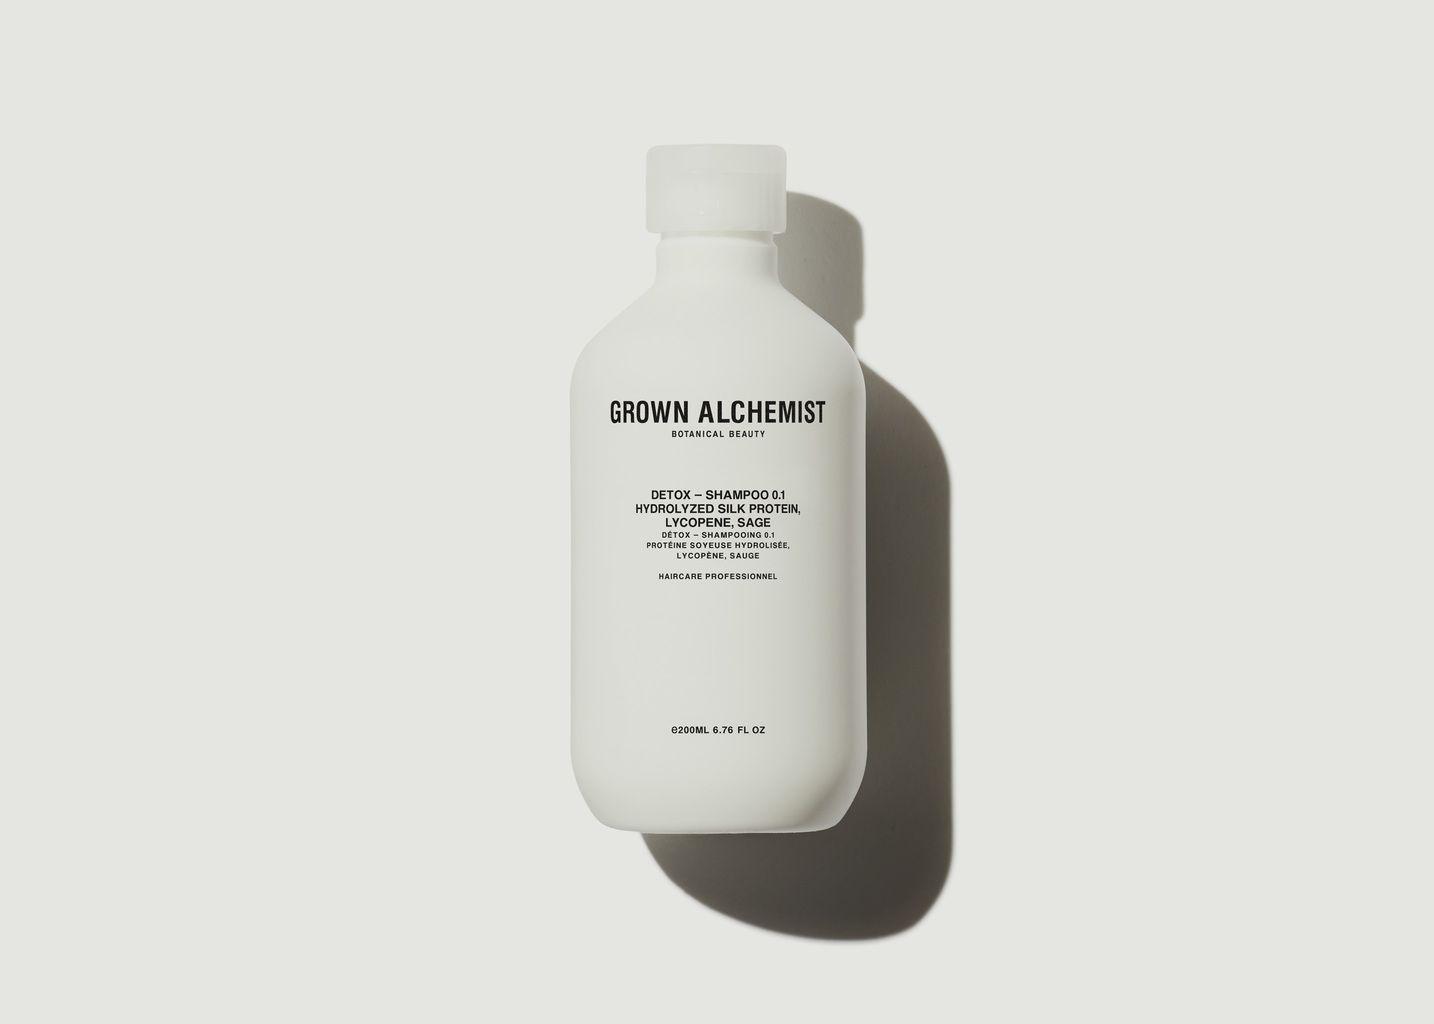 Shampoing Détox 0.1 500ml - Grown Alchemist